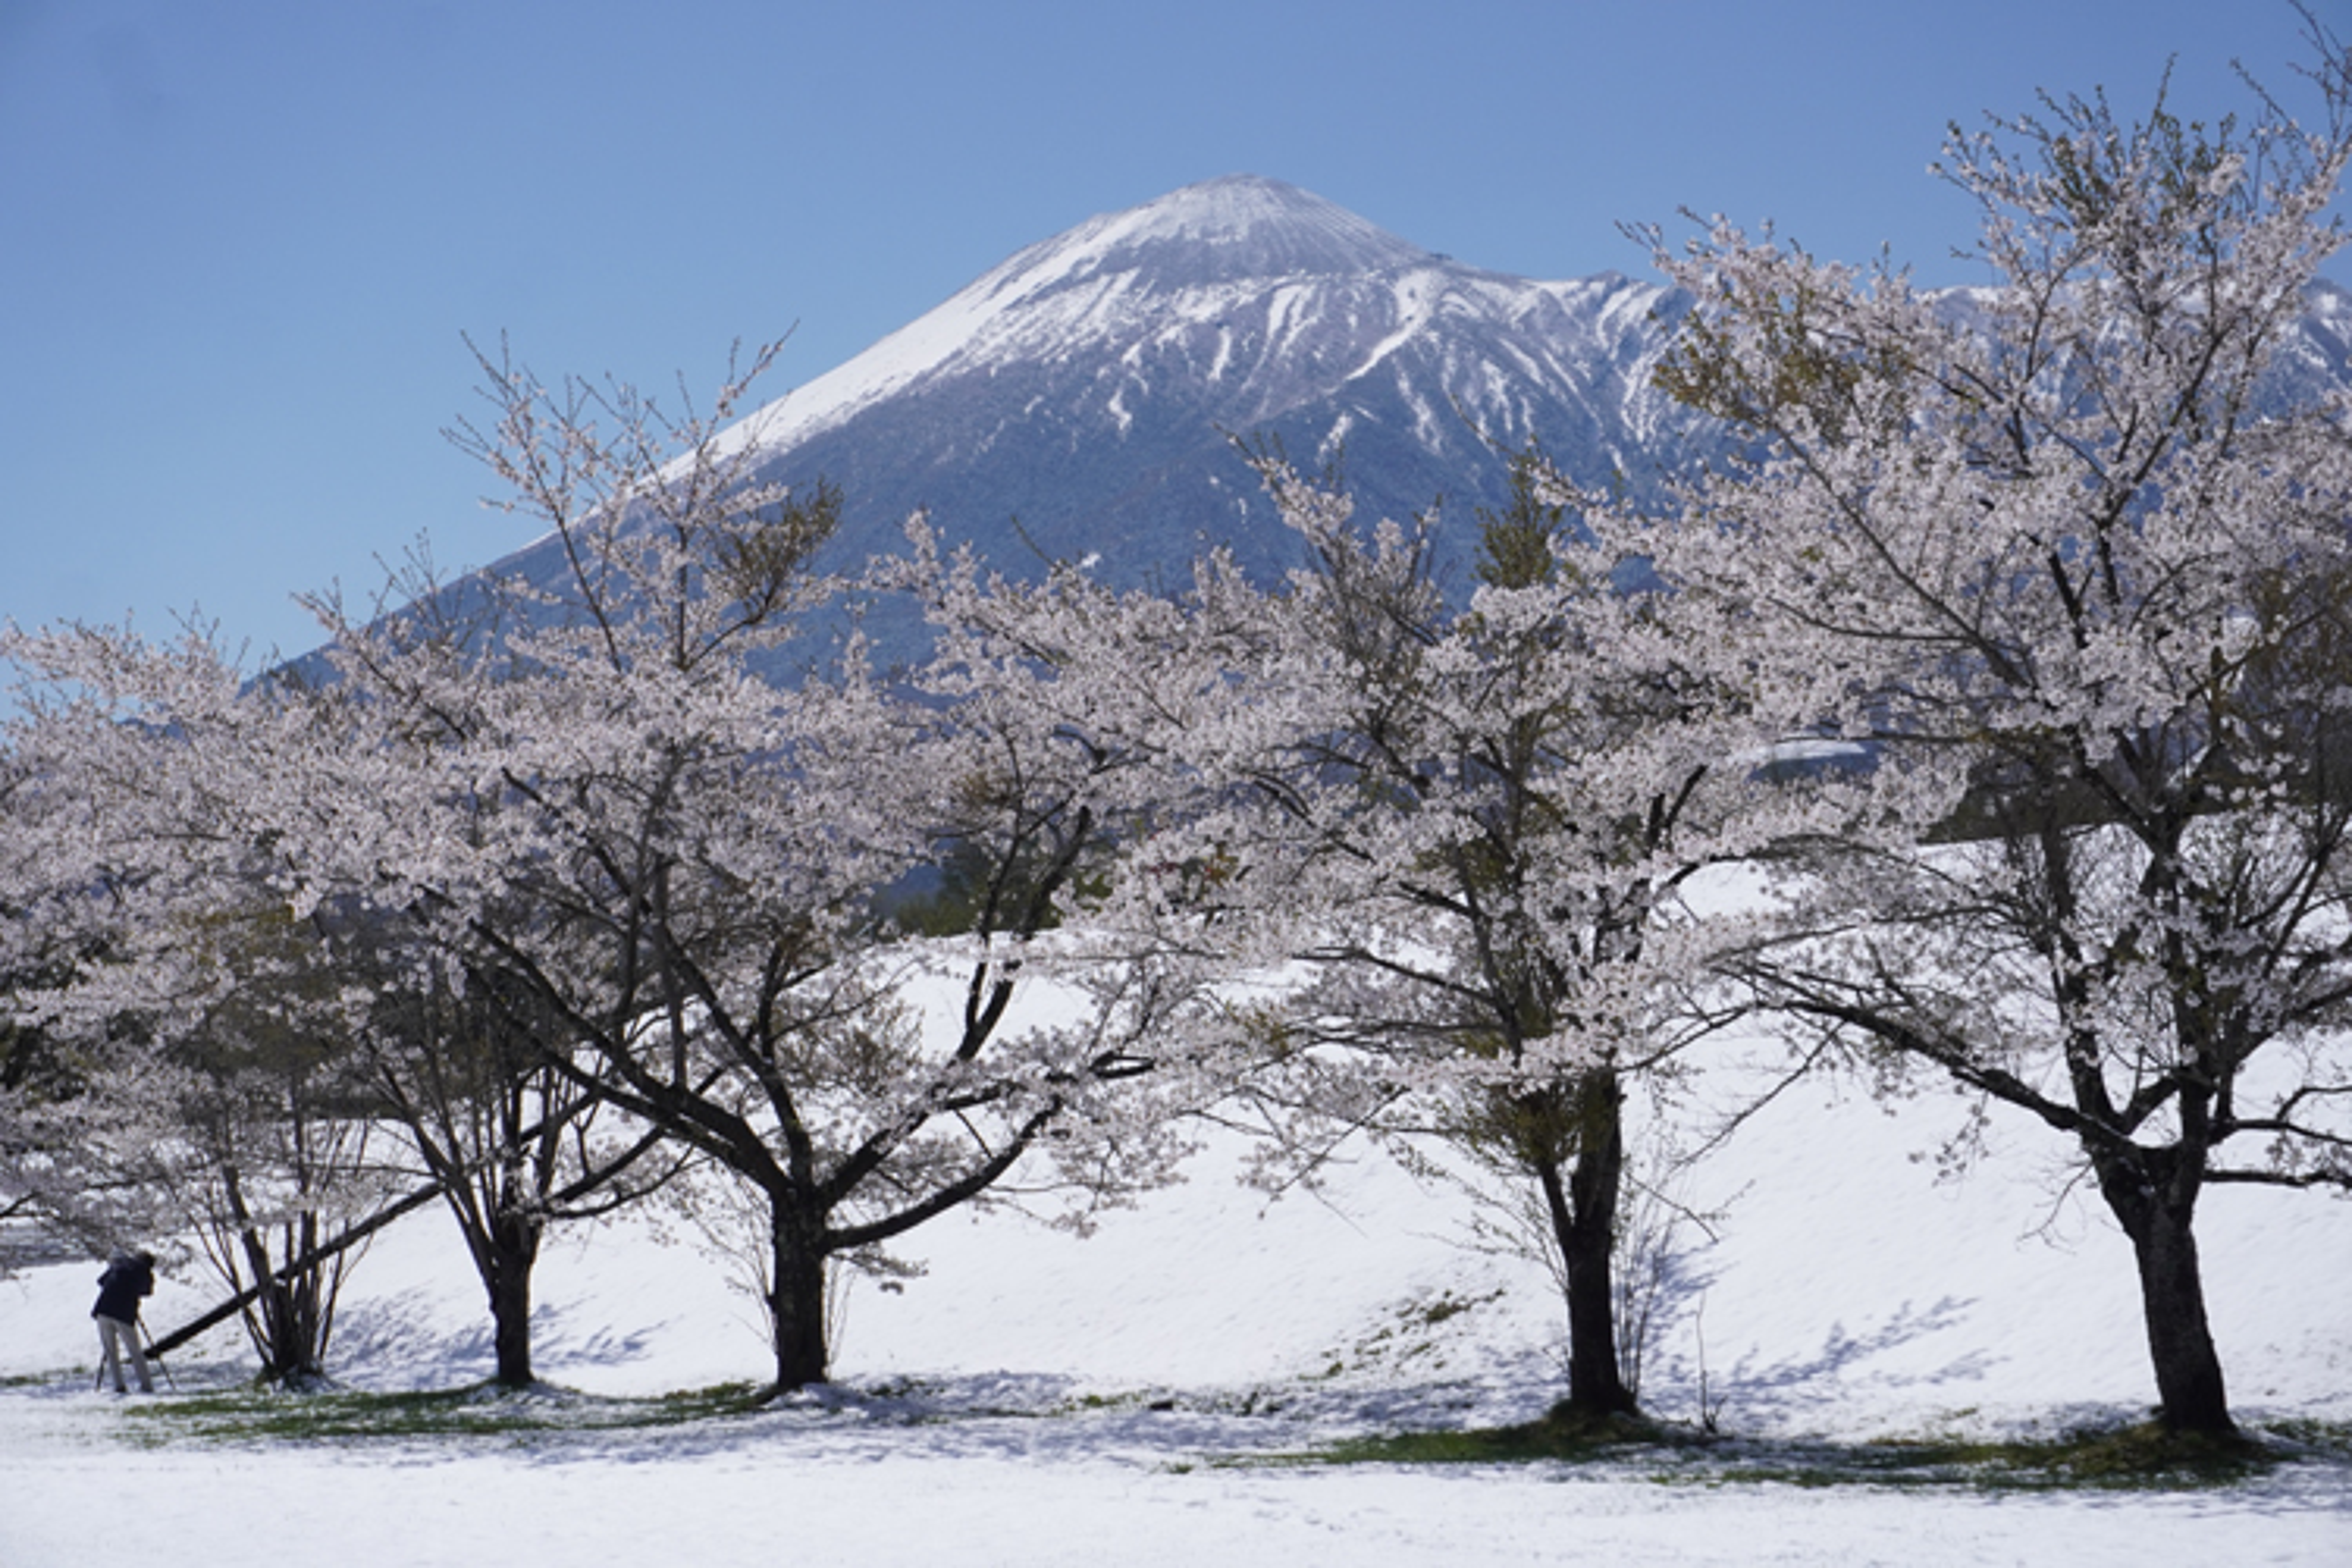 下倉スキー場のコンディションは日々良くなっております